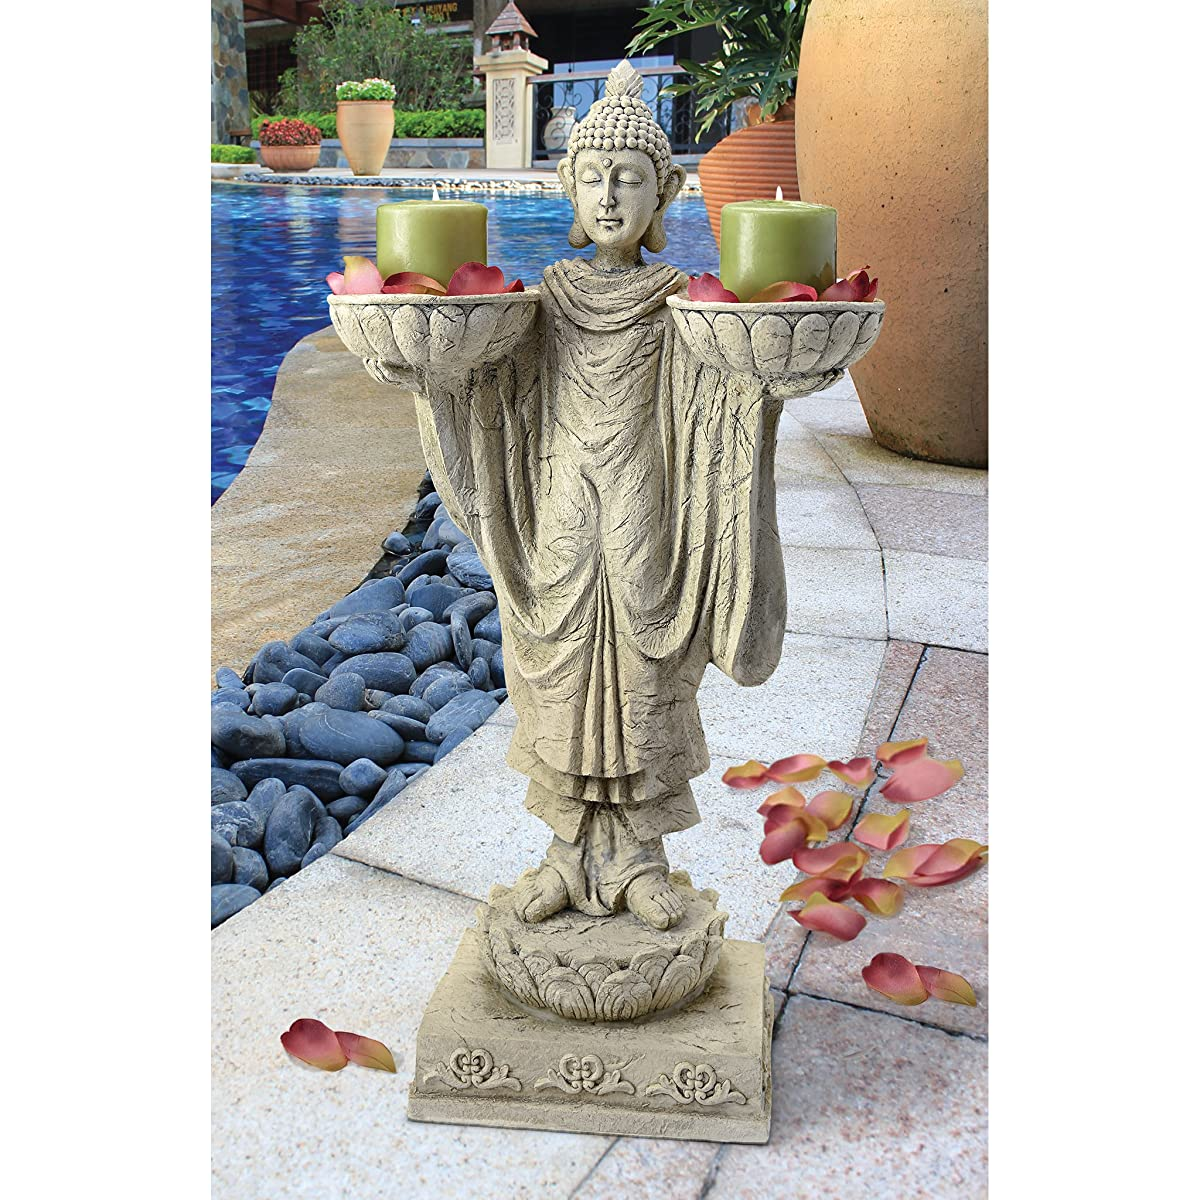 Design Toscano Avalokitesvara Buddha Garden Statue